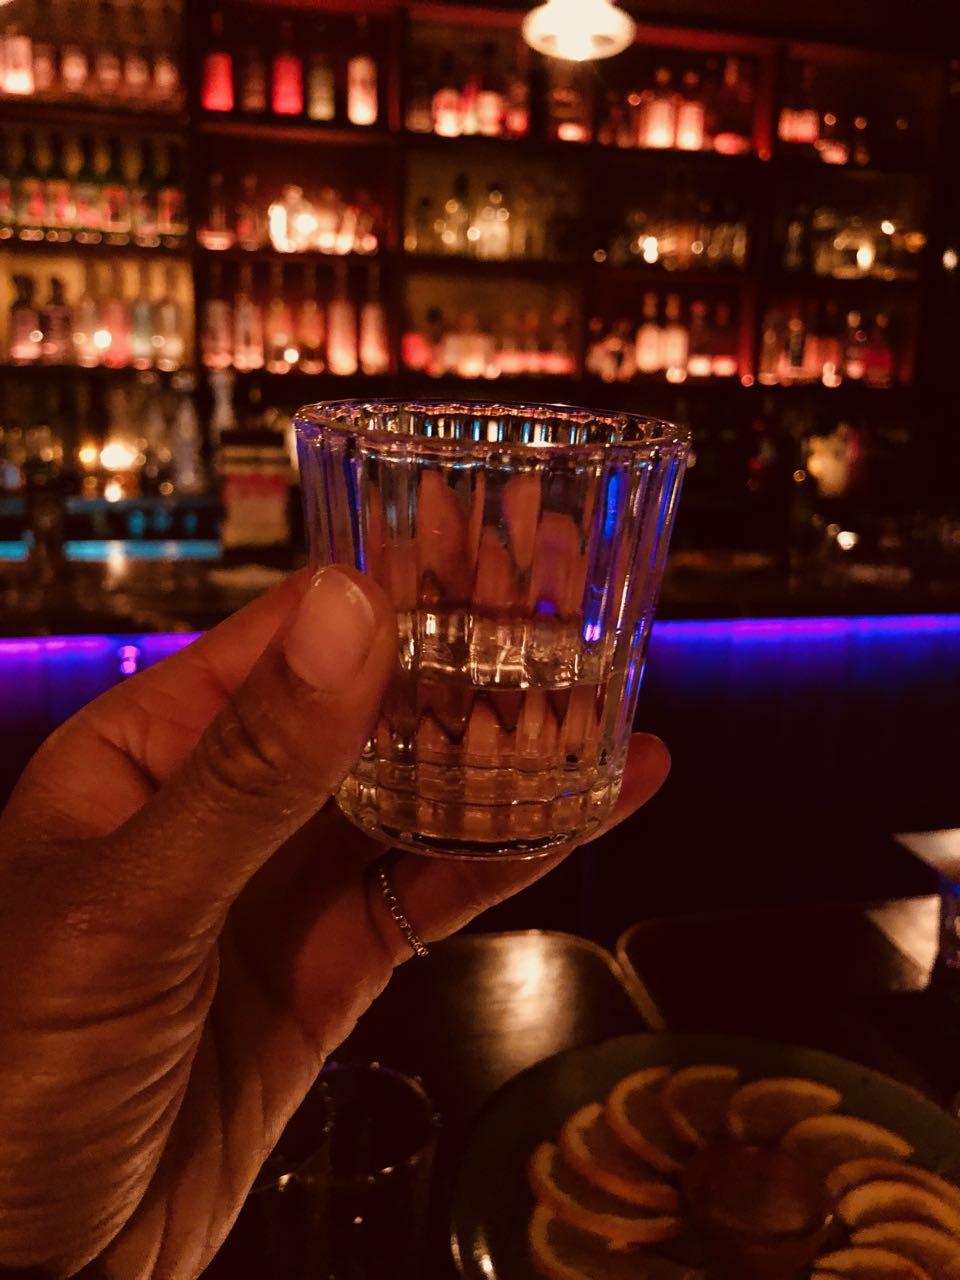 Rosa Mexicano Reveals Limited Edition Mezcal Aged In Bourbon Barrels